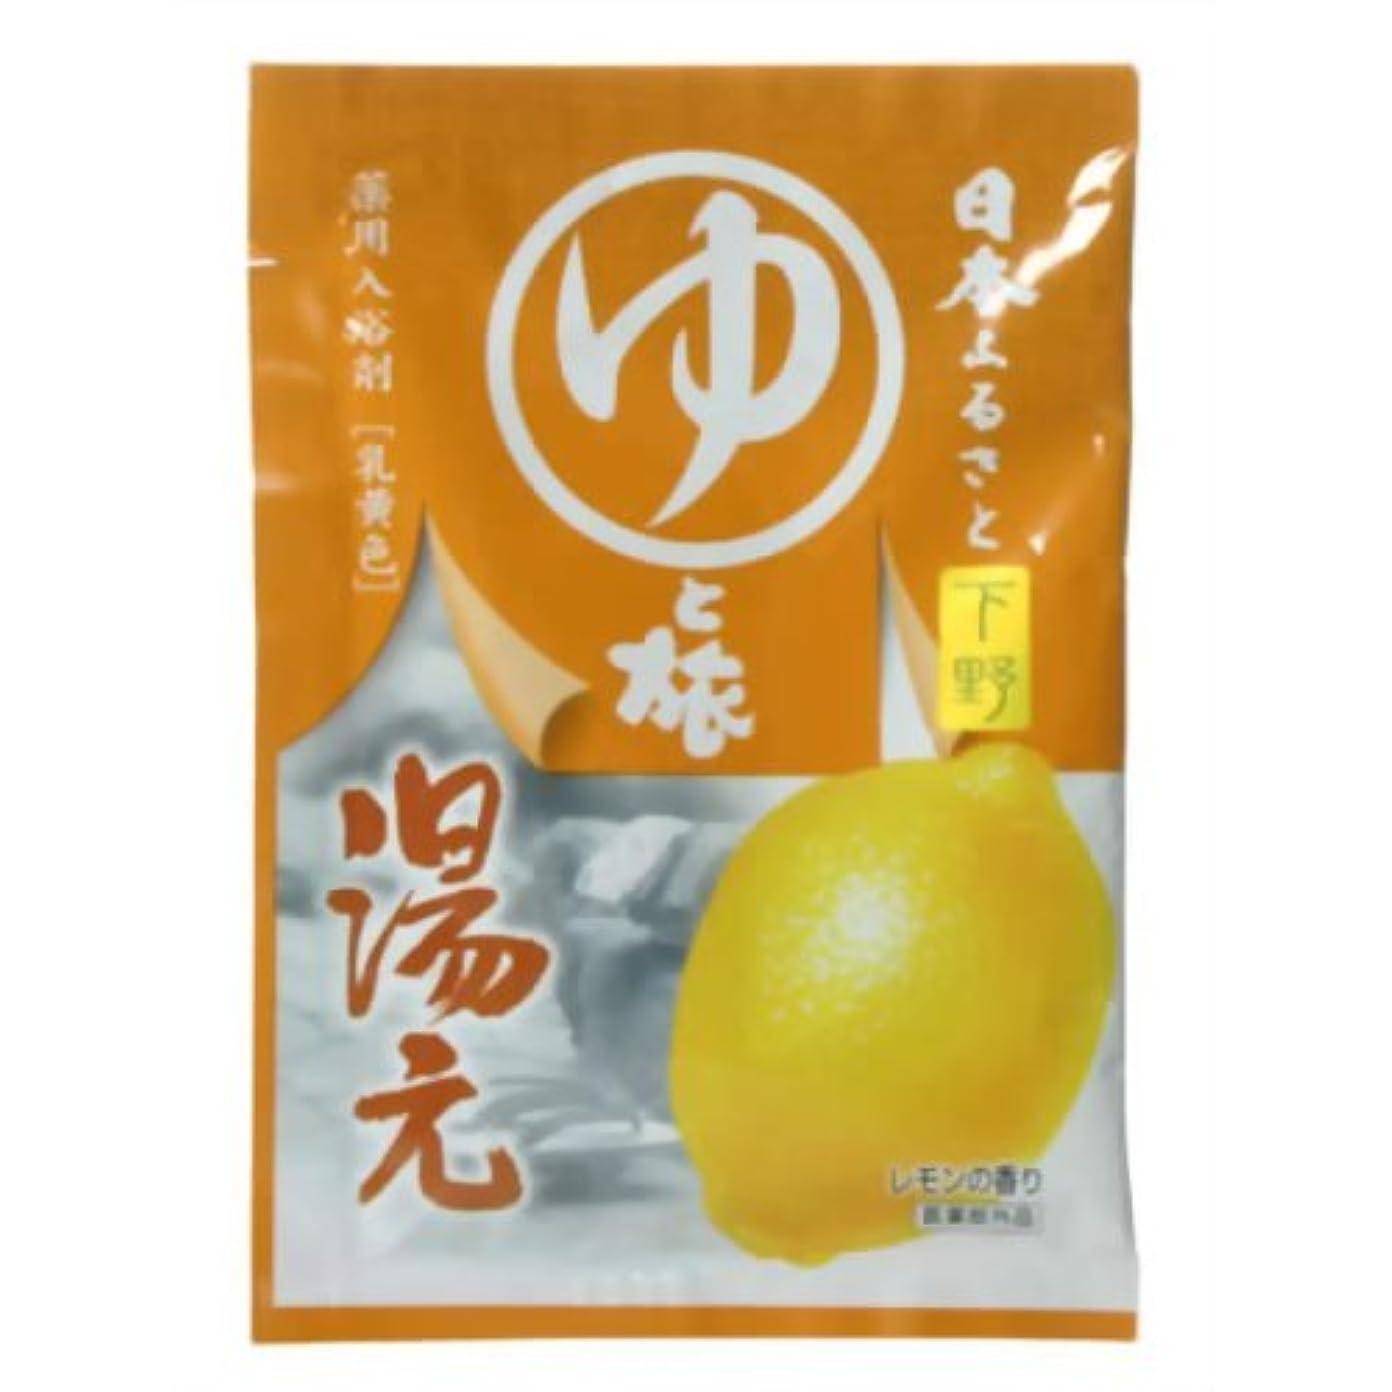 サイレングレートオーク友だちヤマサキの入浴剤シリーズ 湯元(入浴剤)